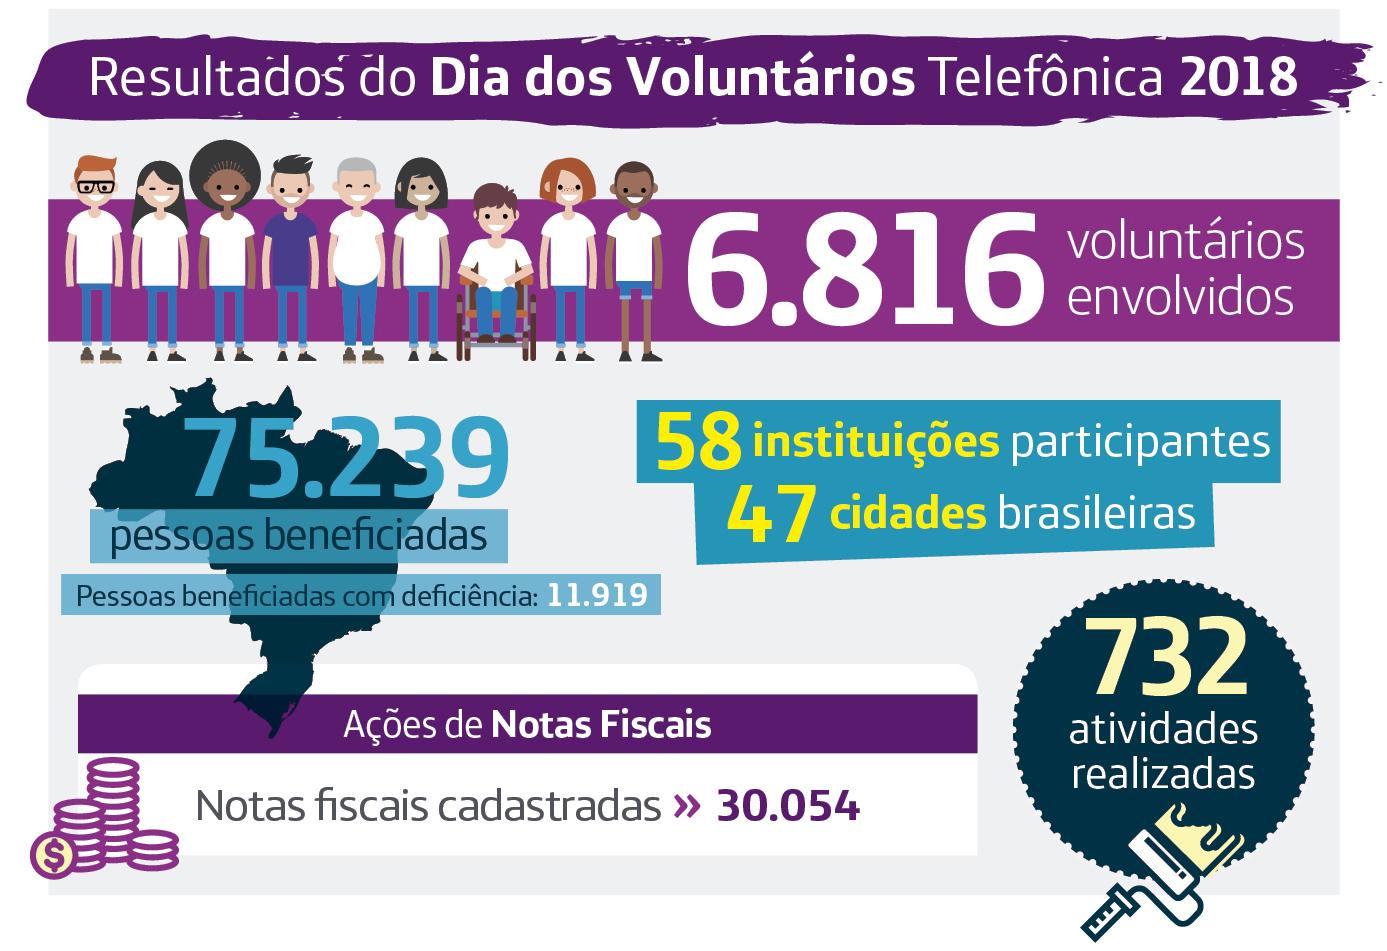 Infográfico com os principais números e resultados do Dia dos Voluntários 2018